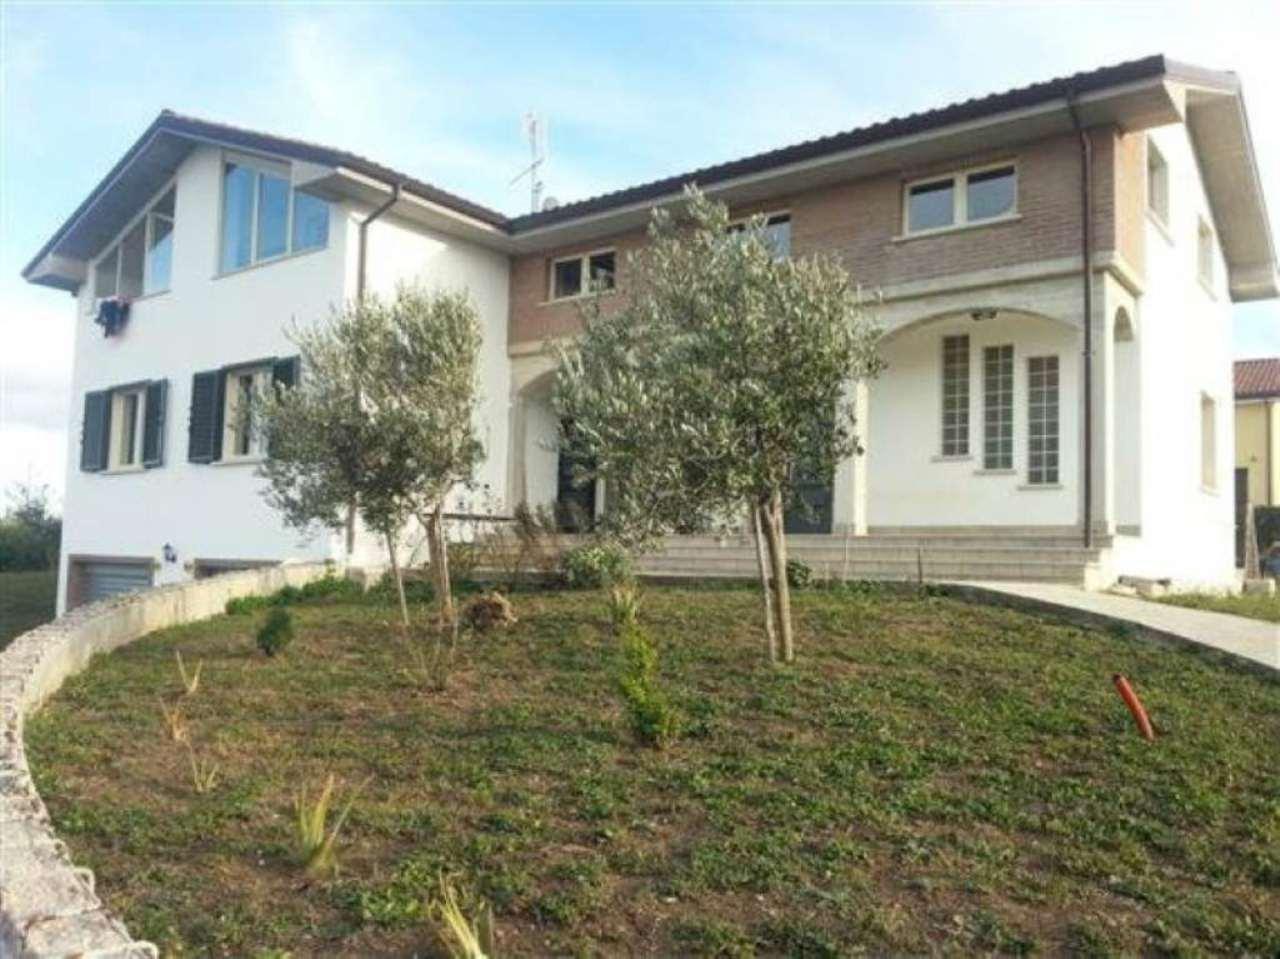 Villa Bifamiliare in vendita a Oratino, 10 locali, Trattative riservate   CambioCasa.it